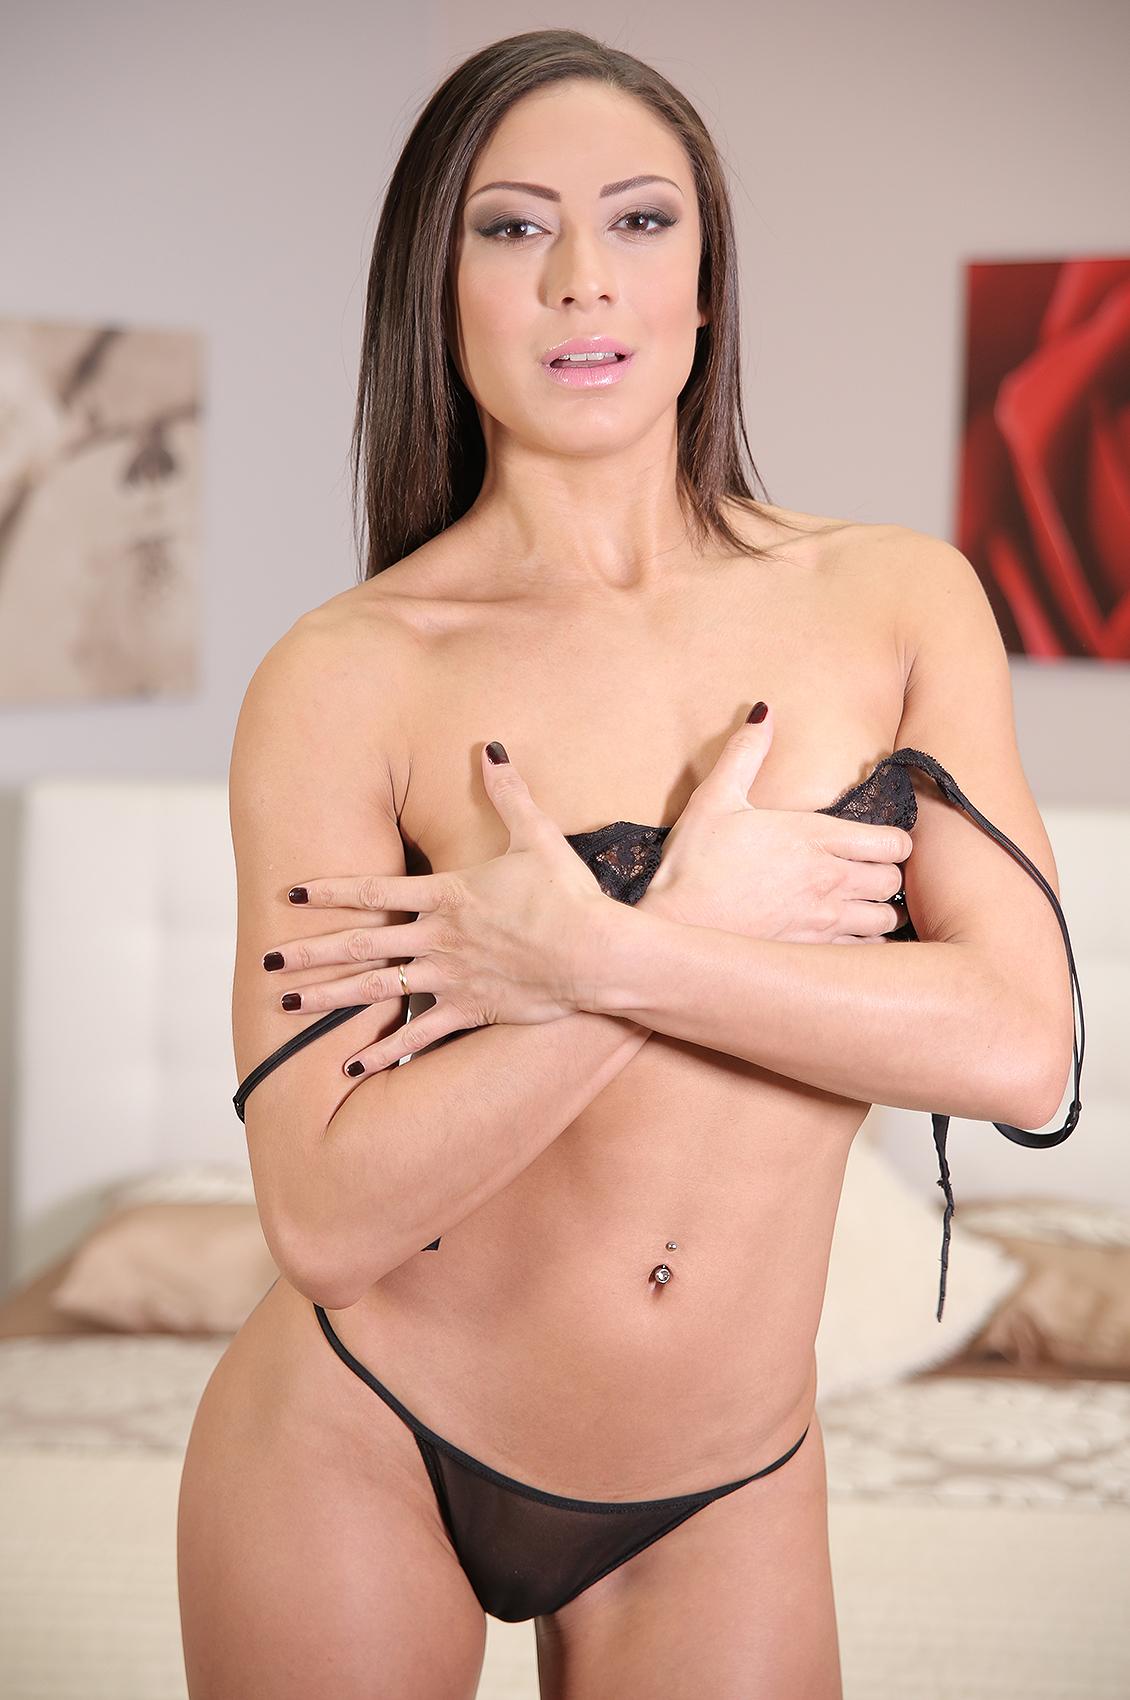 Cassie Del Isla's VR Porn Videos, Bio & Free Nude Pics